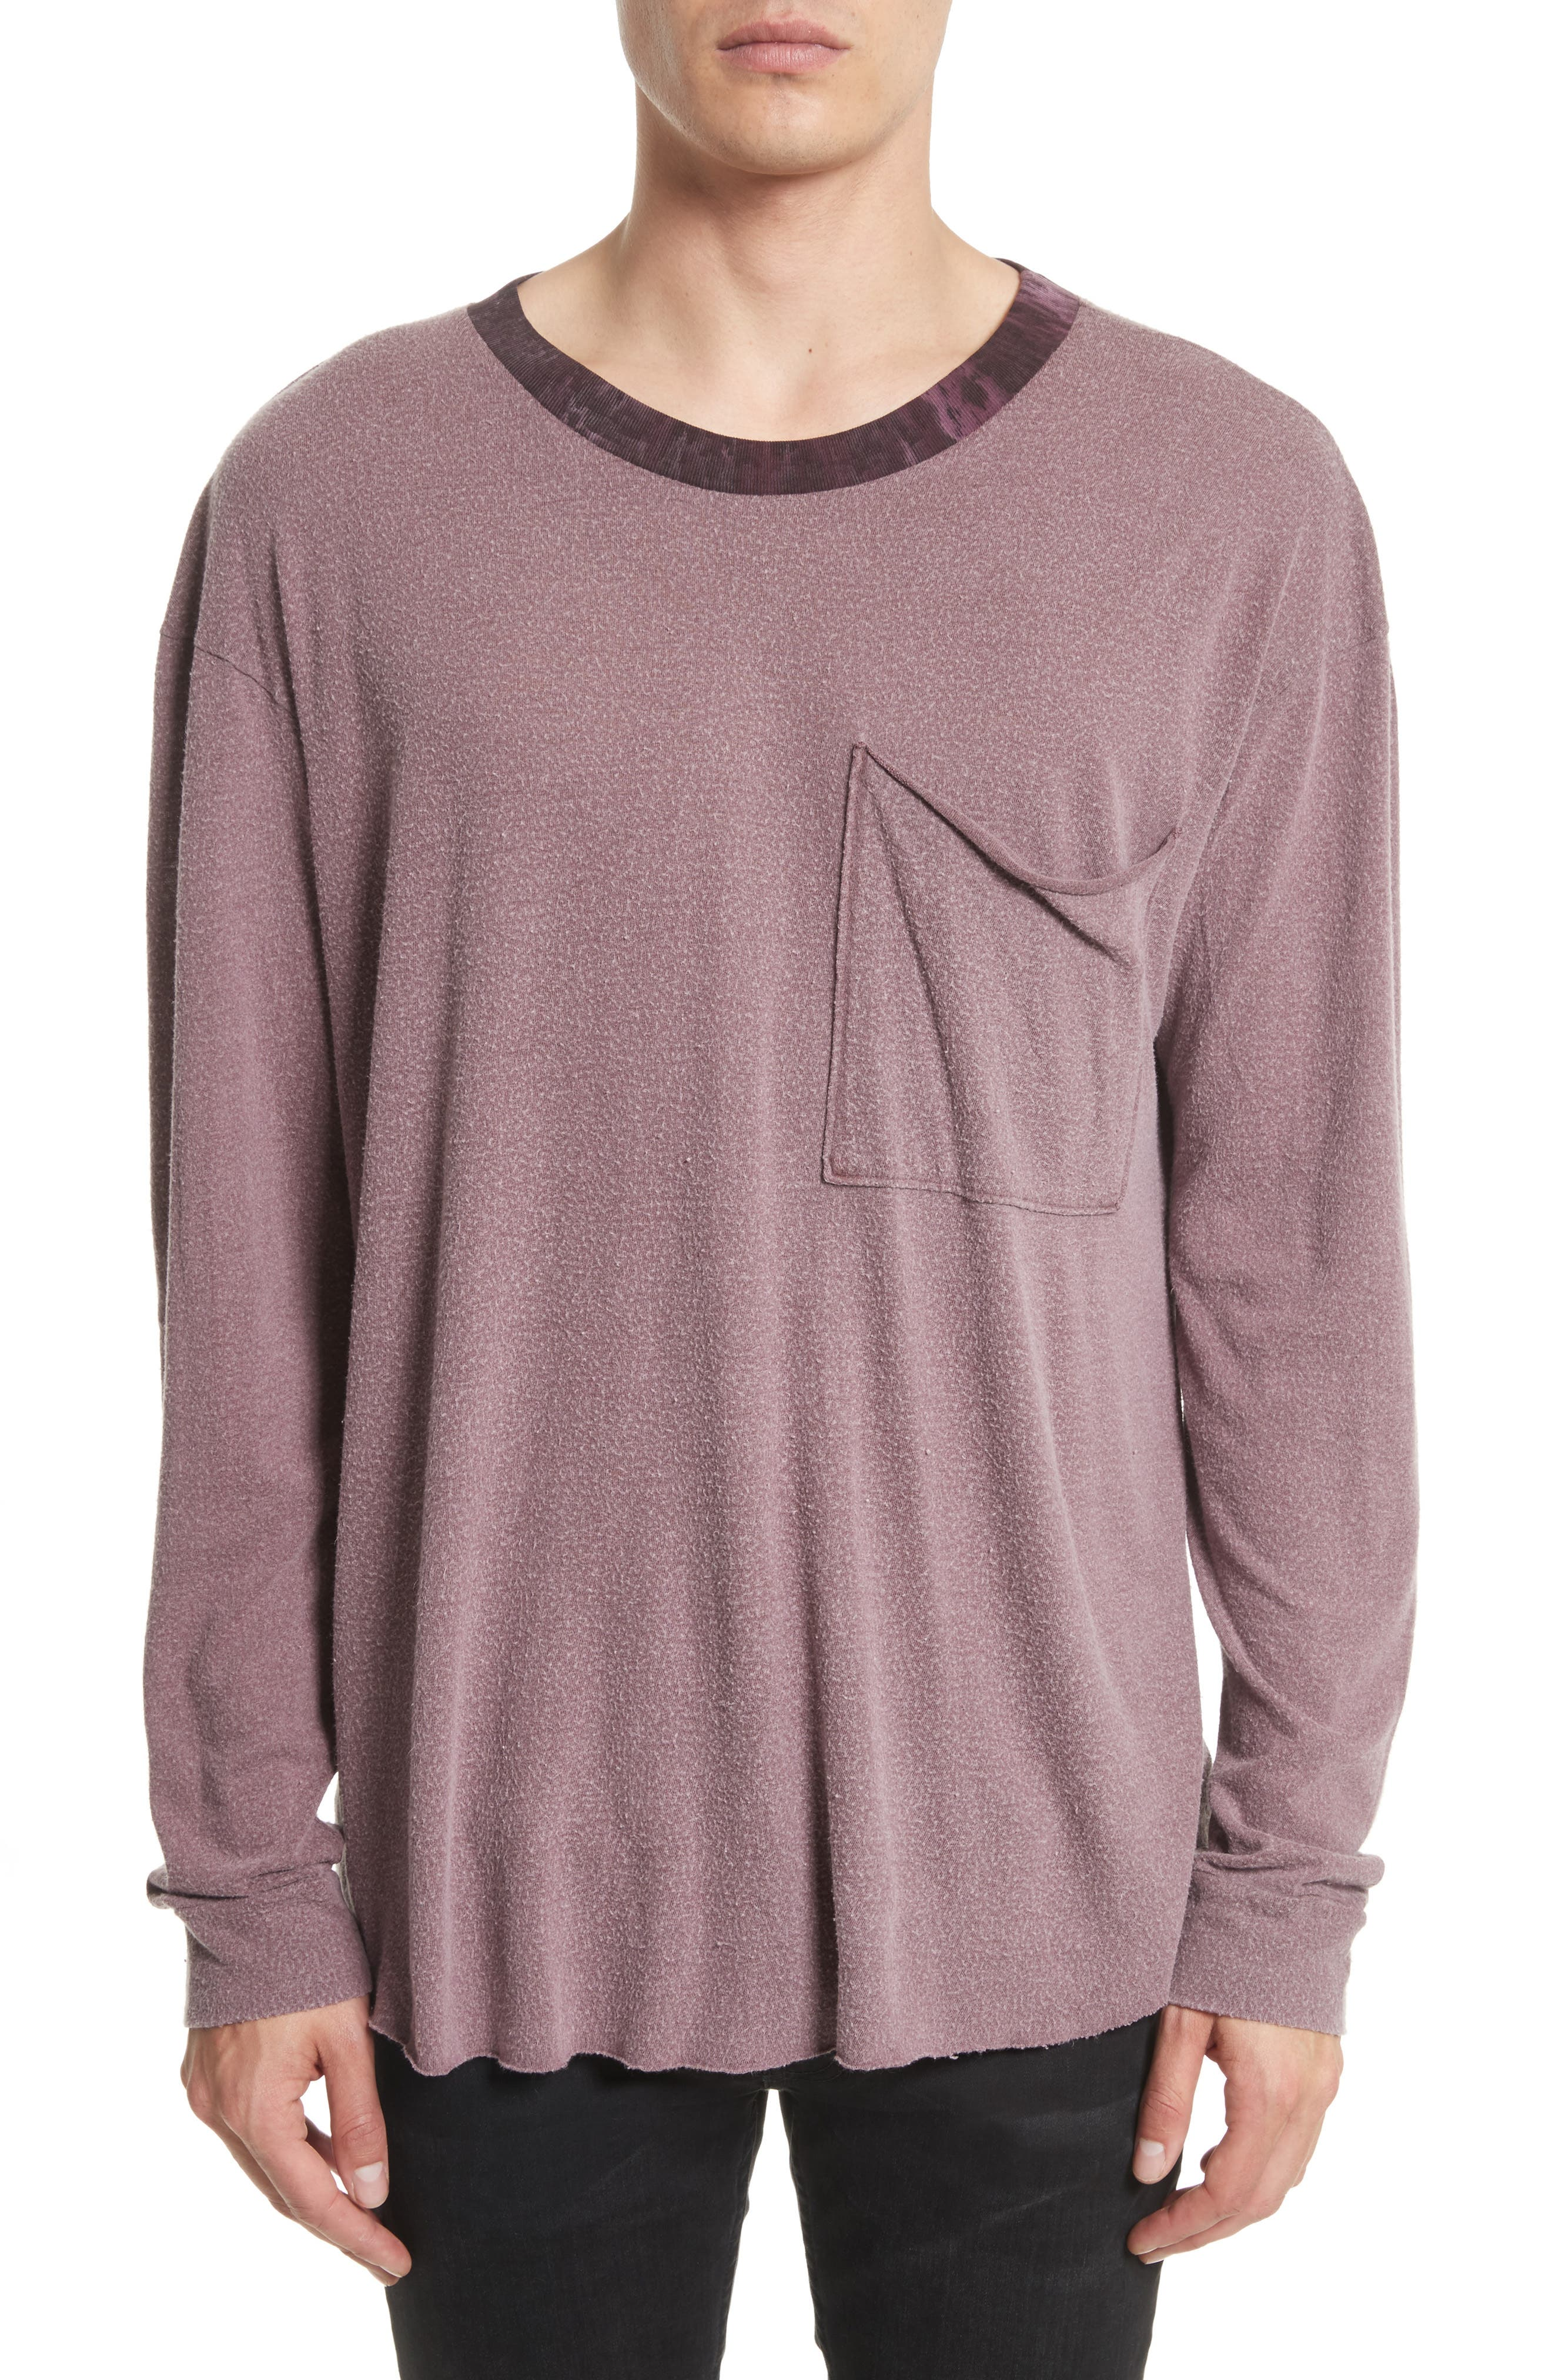 Drifter Tide Long Sleeve Pocket T-Shirt